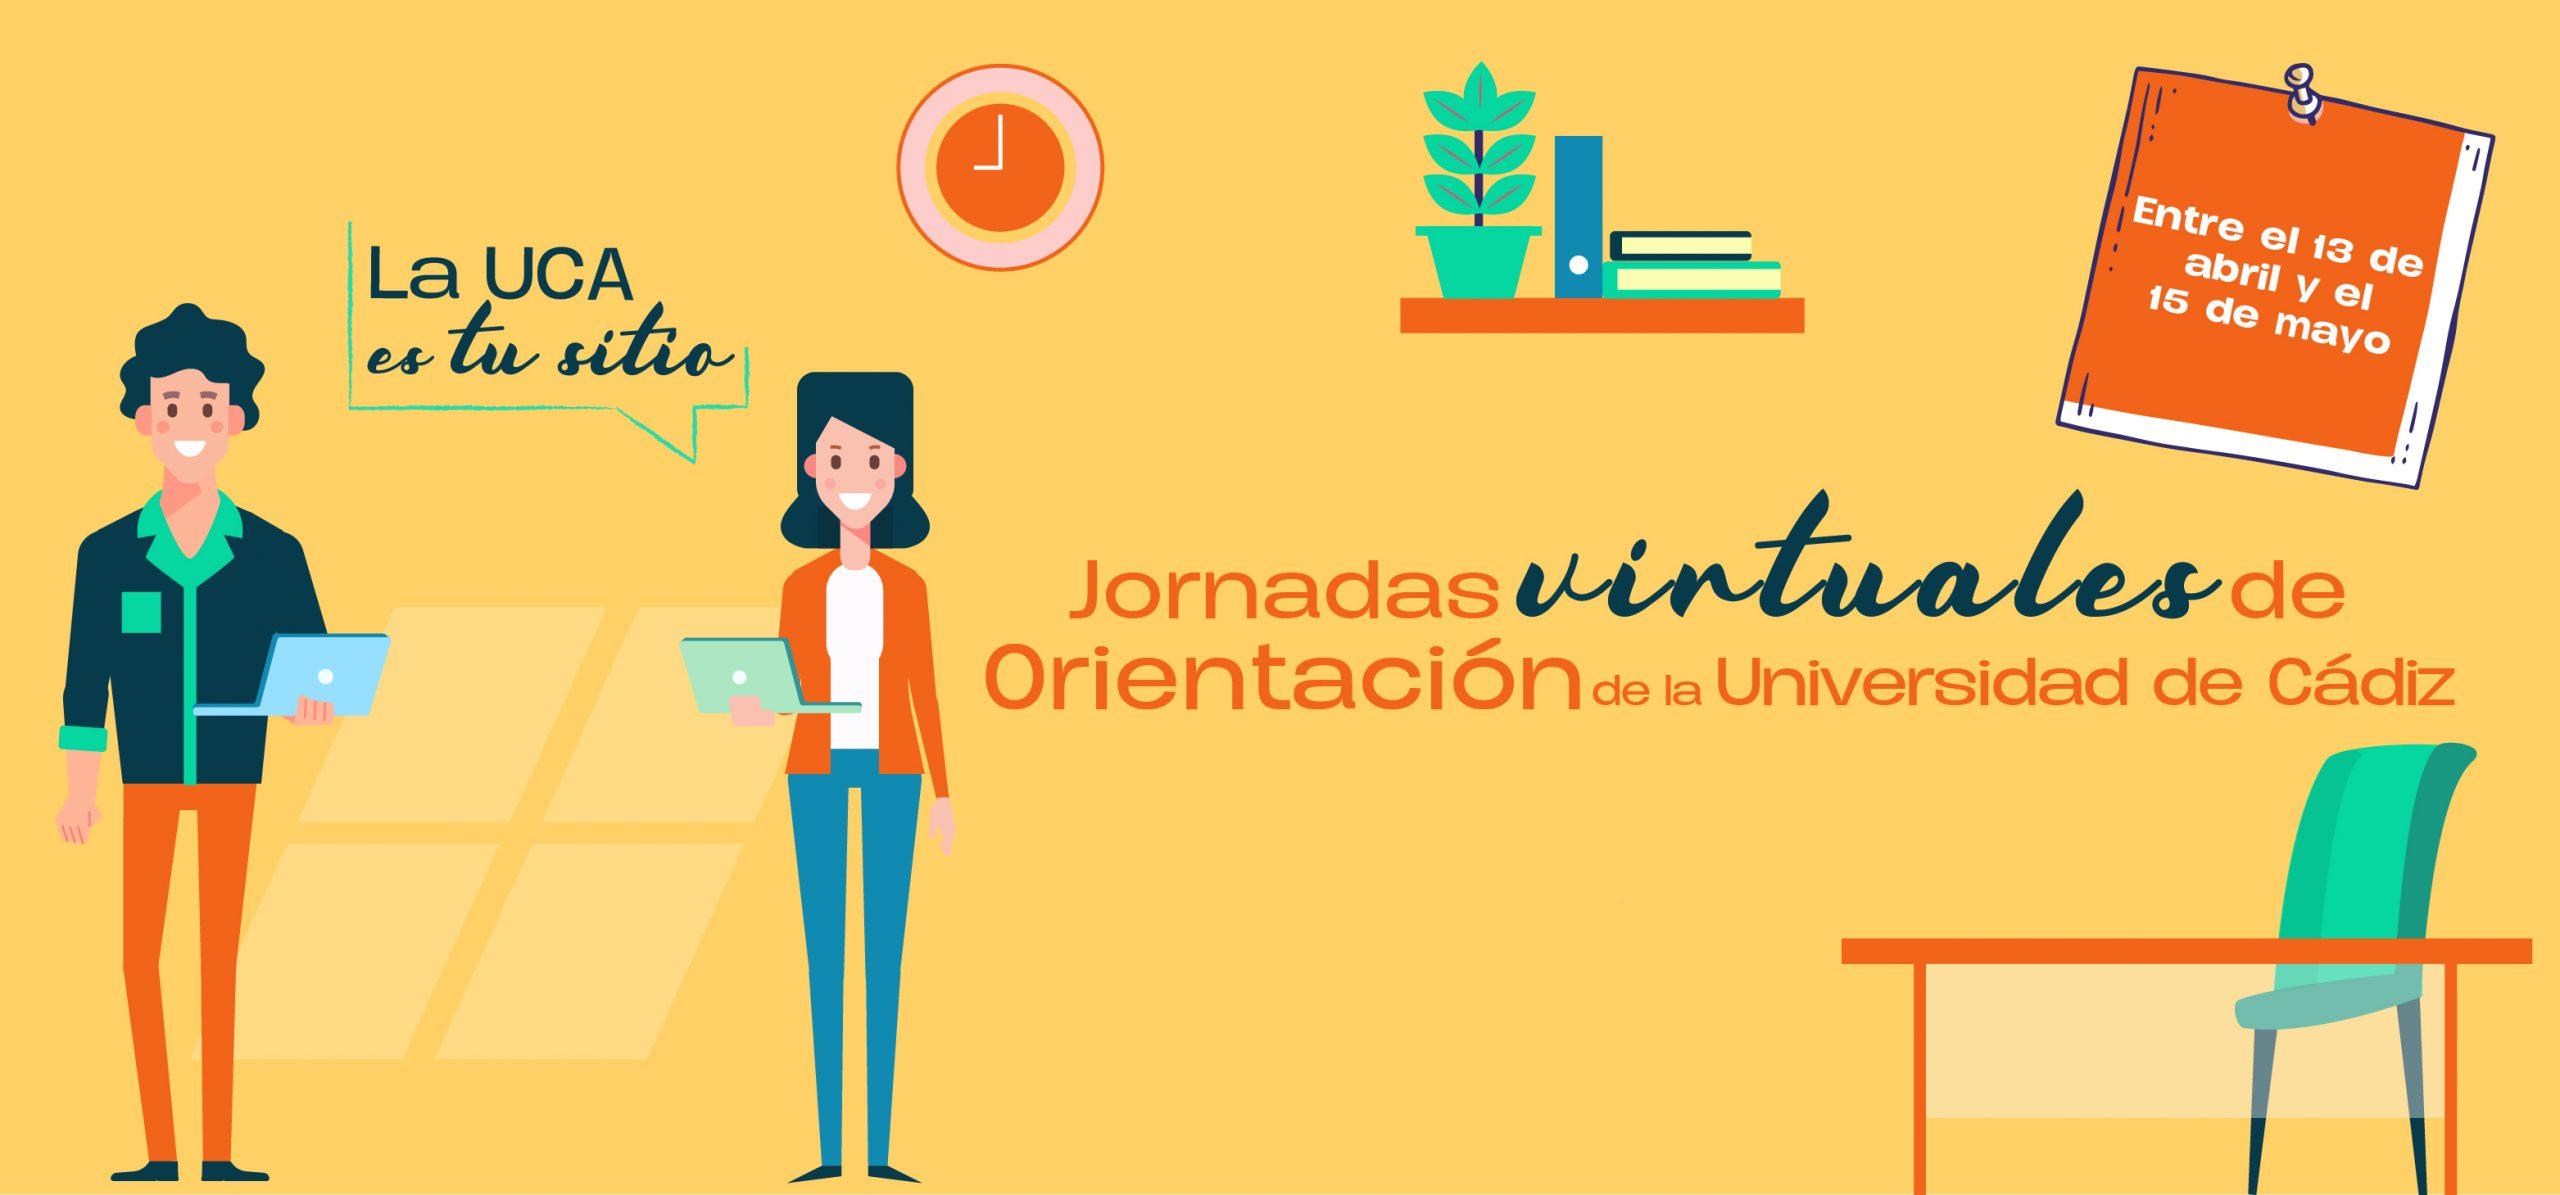 Jornadas Virtuales de Orientación Universitaria | Facultad de Filosofía y Letras